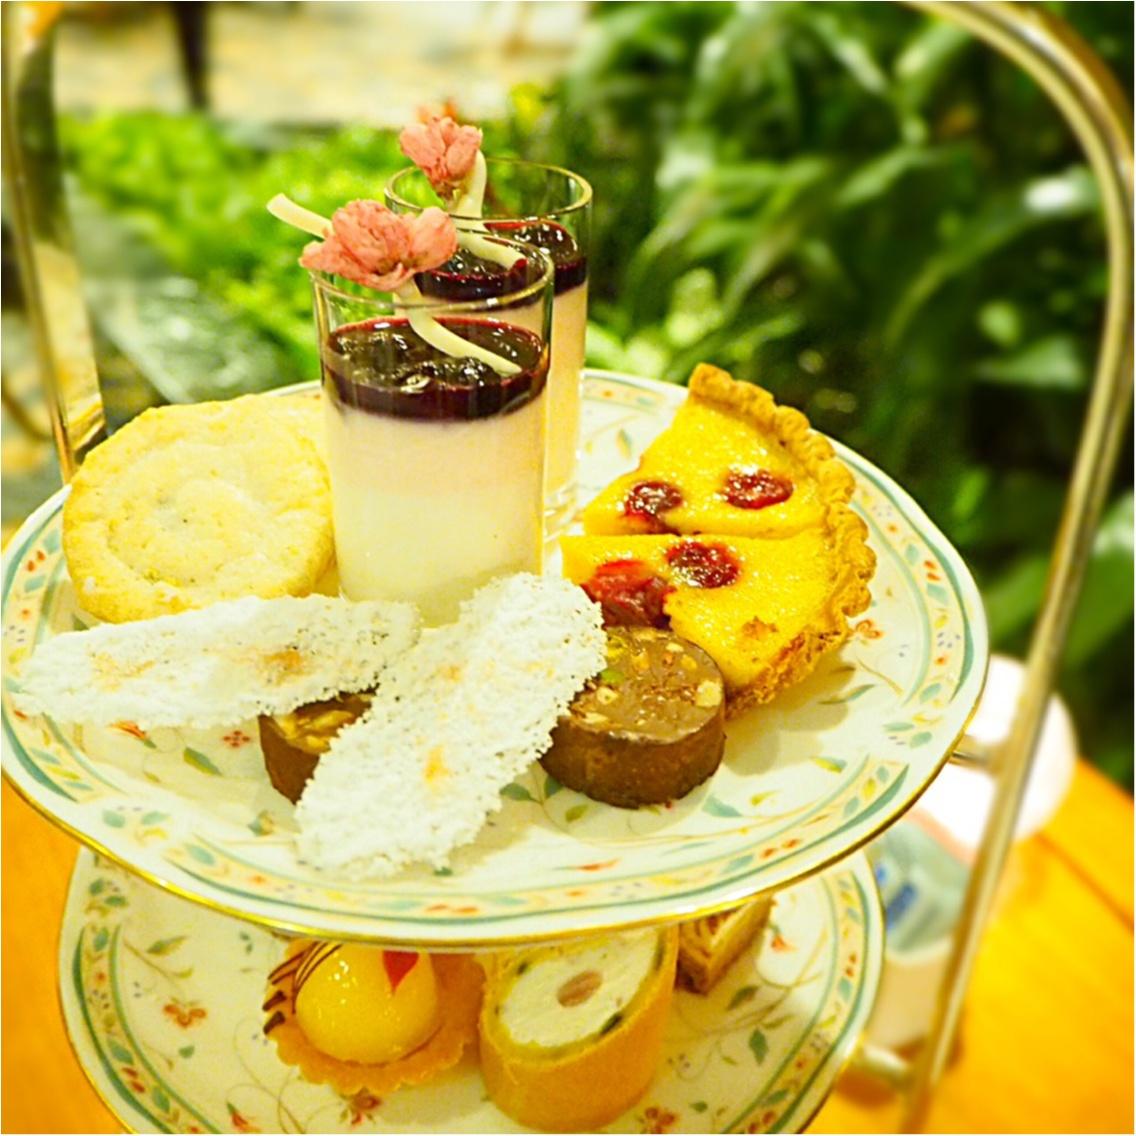 素敵な庭園がある【ホテル椿山荘東京】で美味しいイブニングティーを満喫♡_2